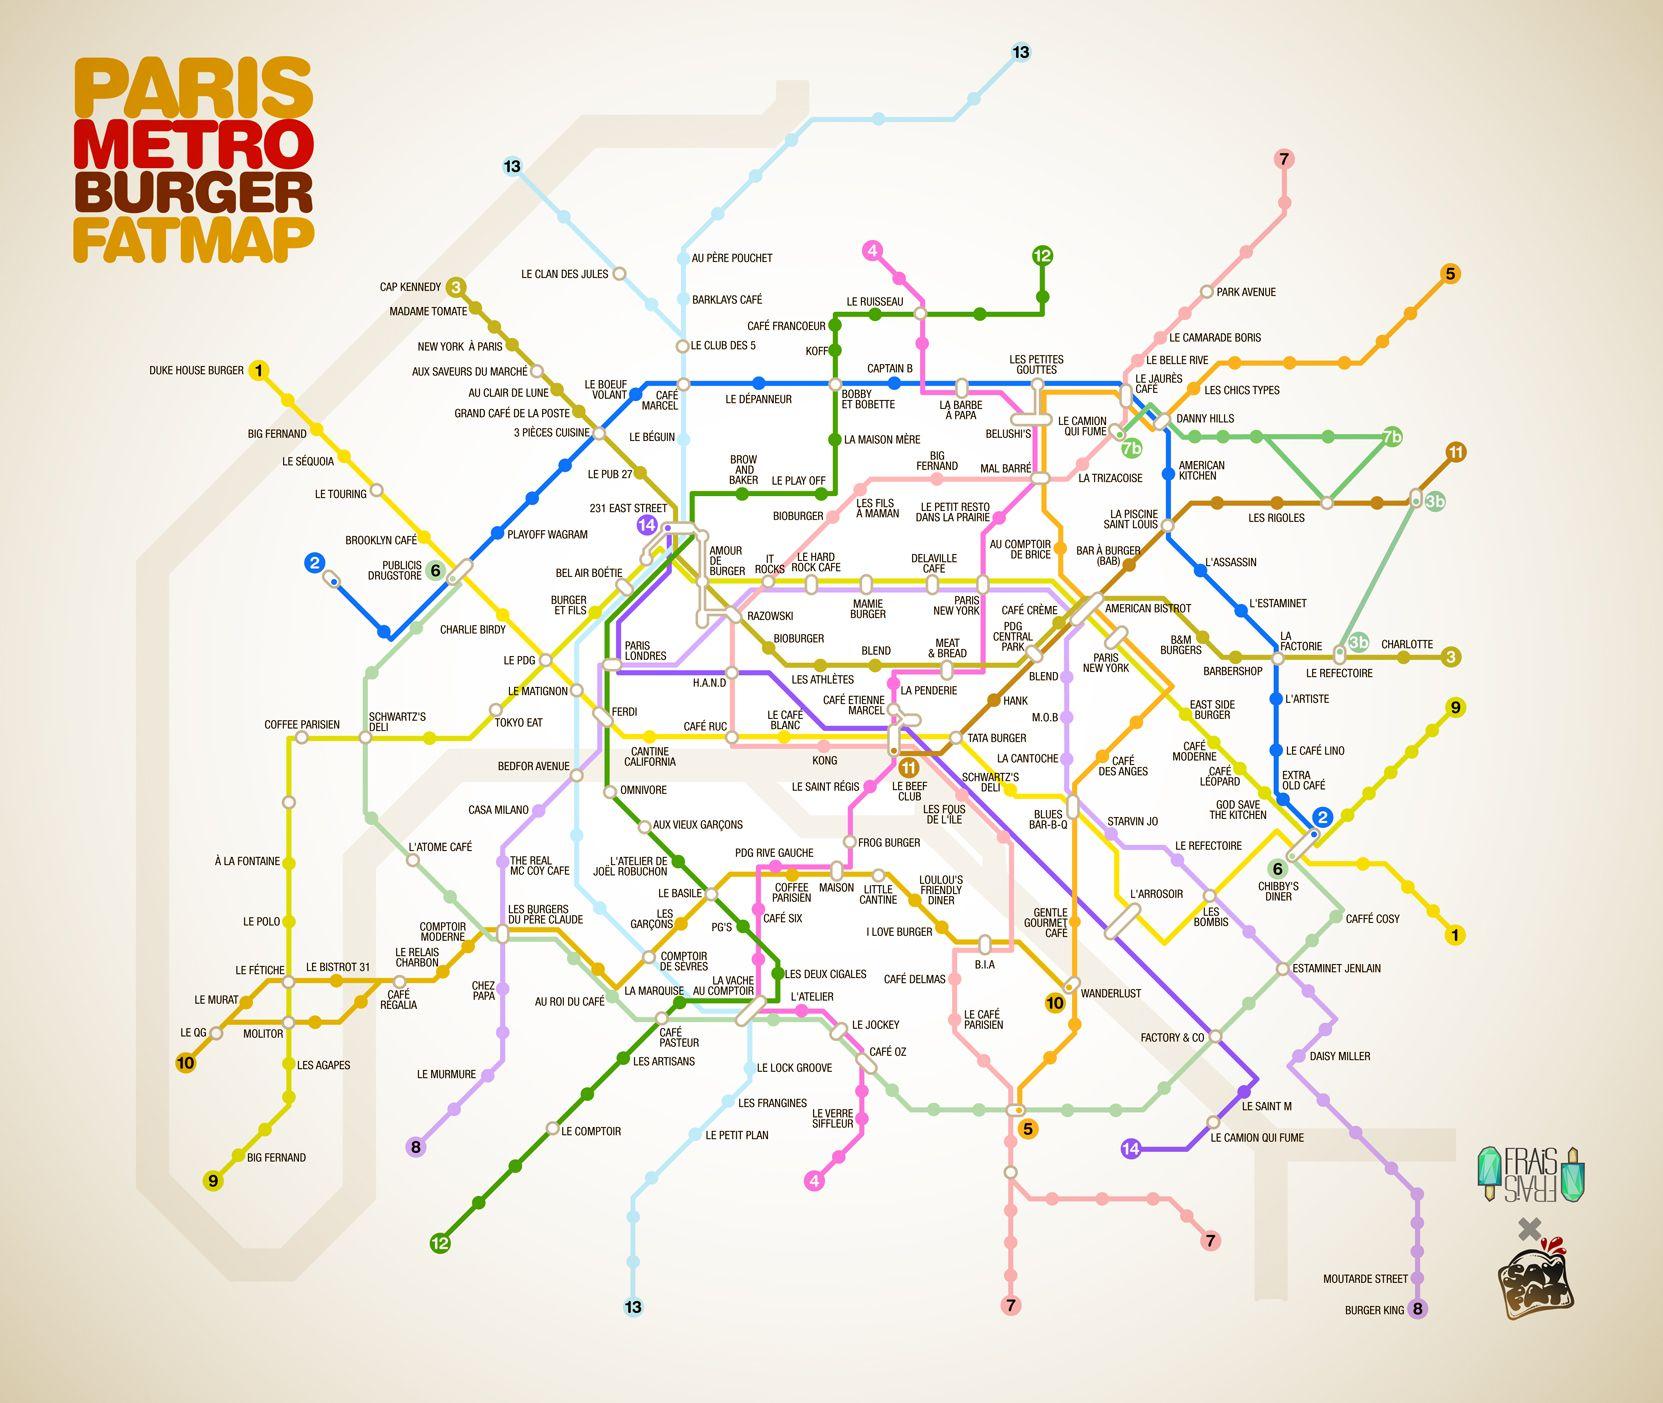 Ultra Pratique Un Plan De Metro Des Burgers De Paris Plan De